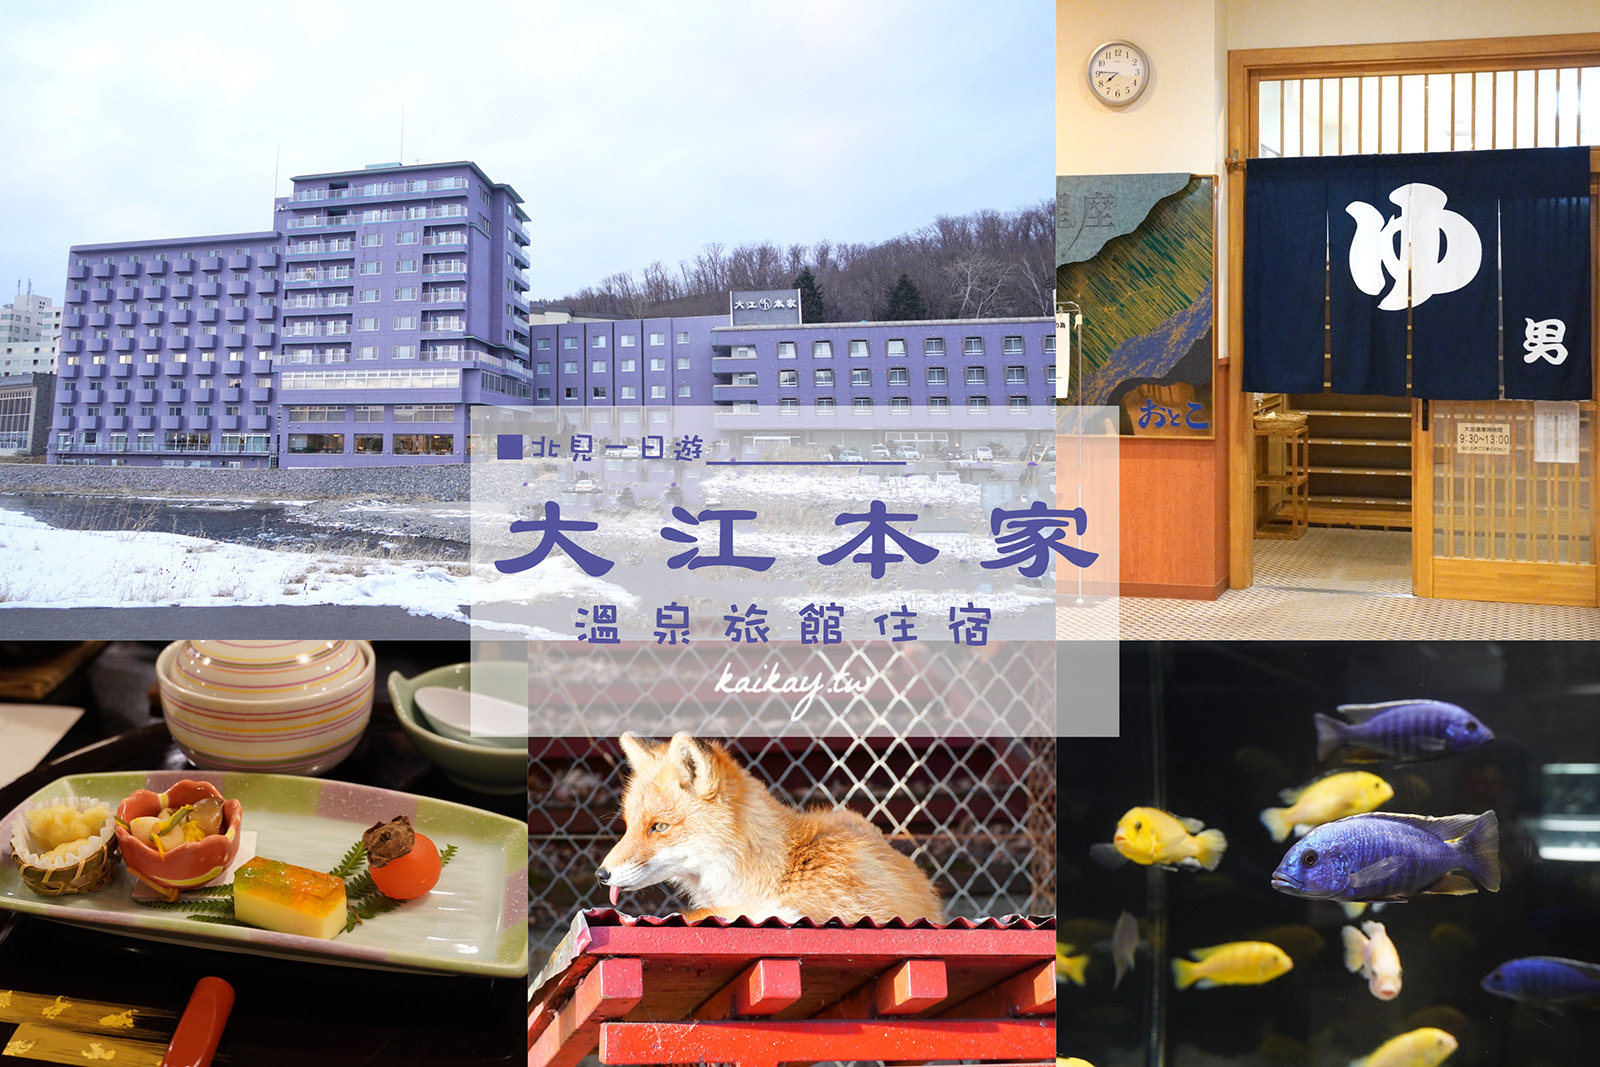 ☆【2020。北海道】北見一日遊:大江本家溫泉旅館+北見狐狸村、北の大地の水族館 @凱的日本食尚日記